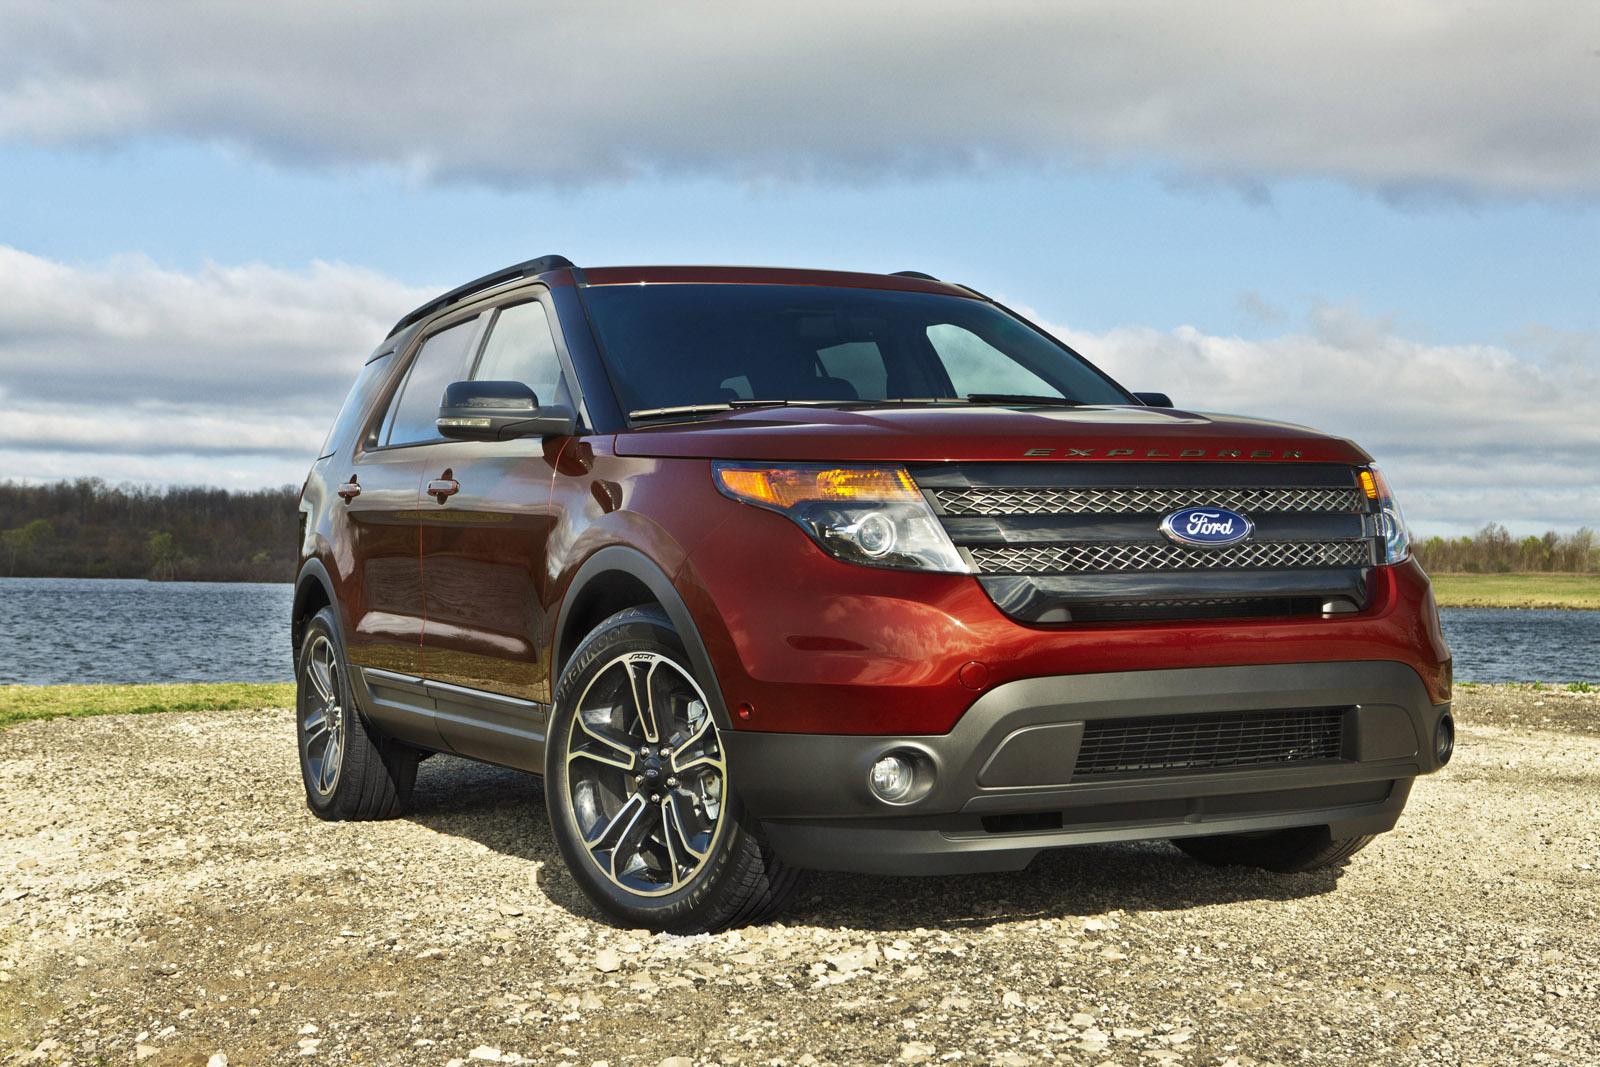 فورد اكسبلورر 2015 الرياضية الأكثر شباباً المخصصة للعملاء الأكثر ثراء Ford Explorer   المربع نت